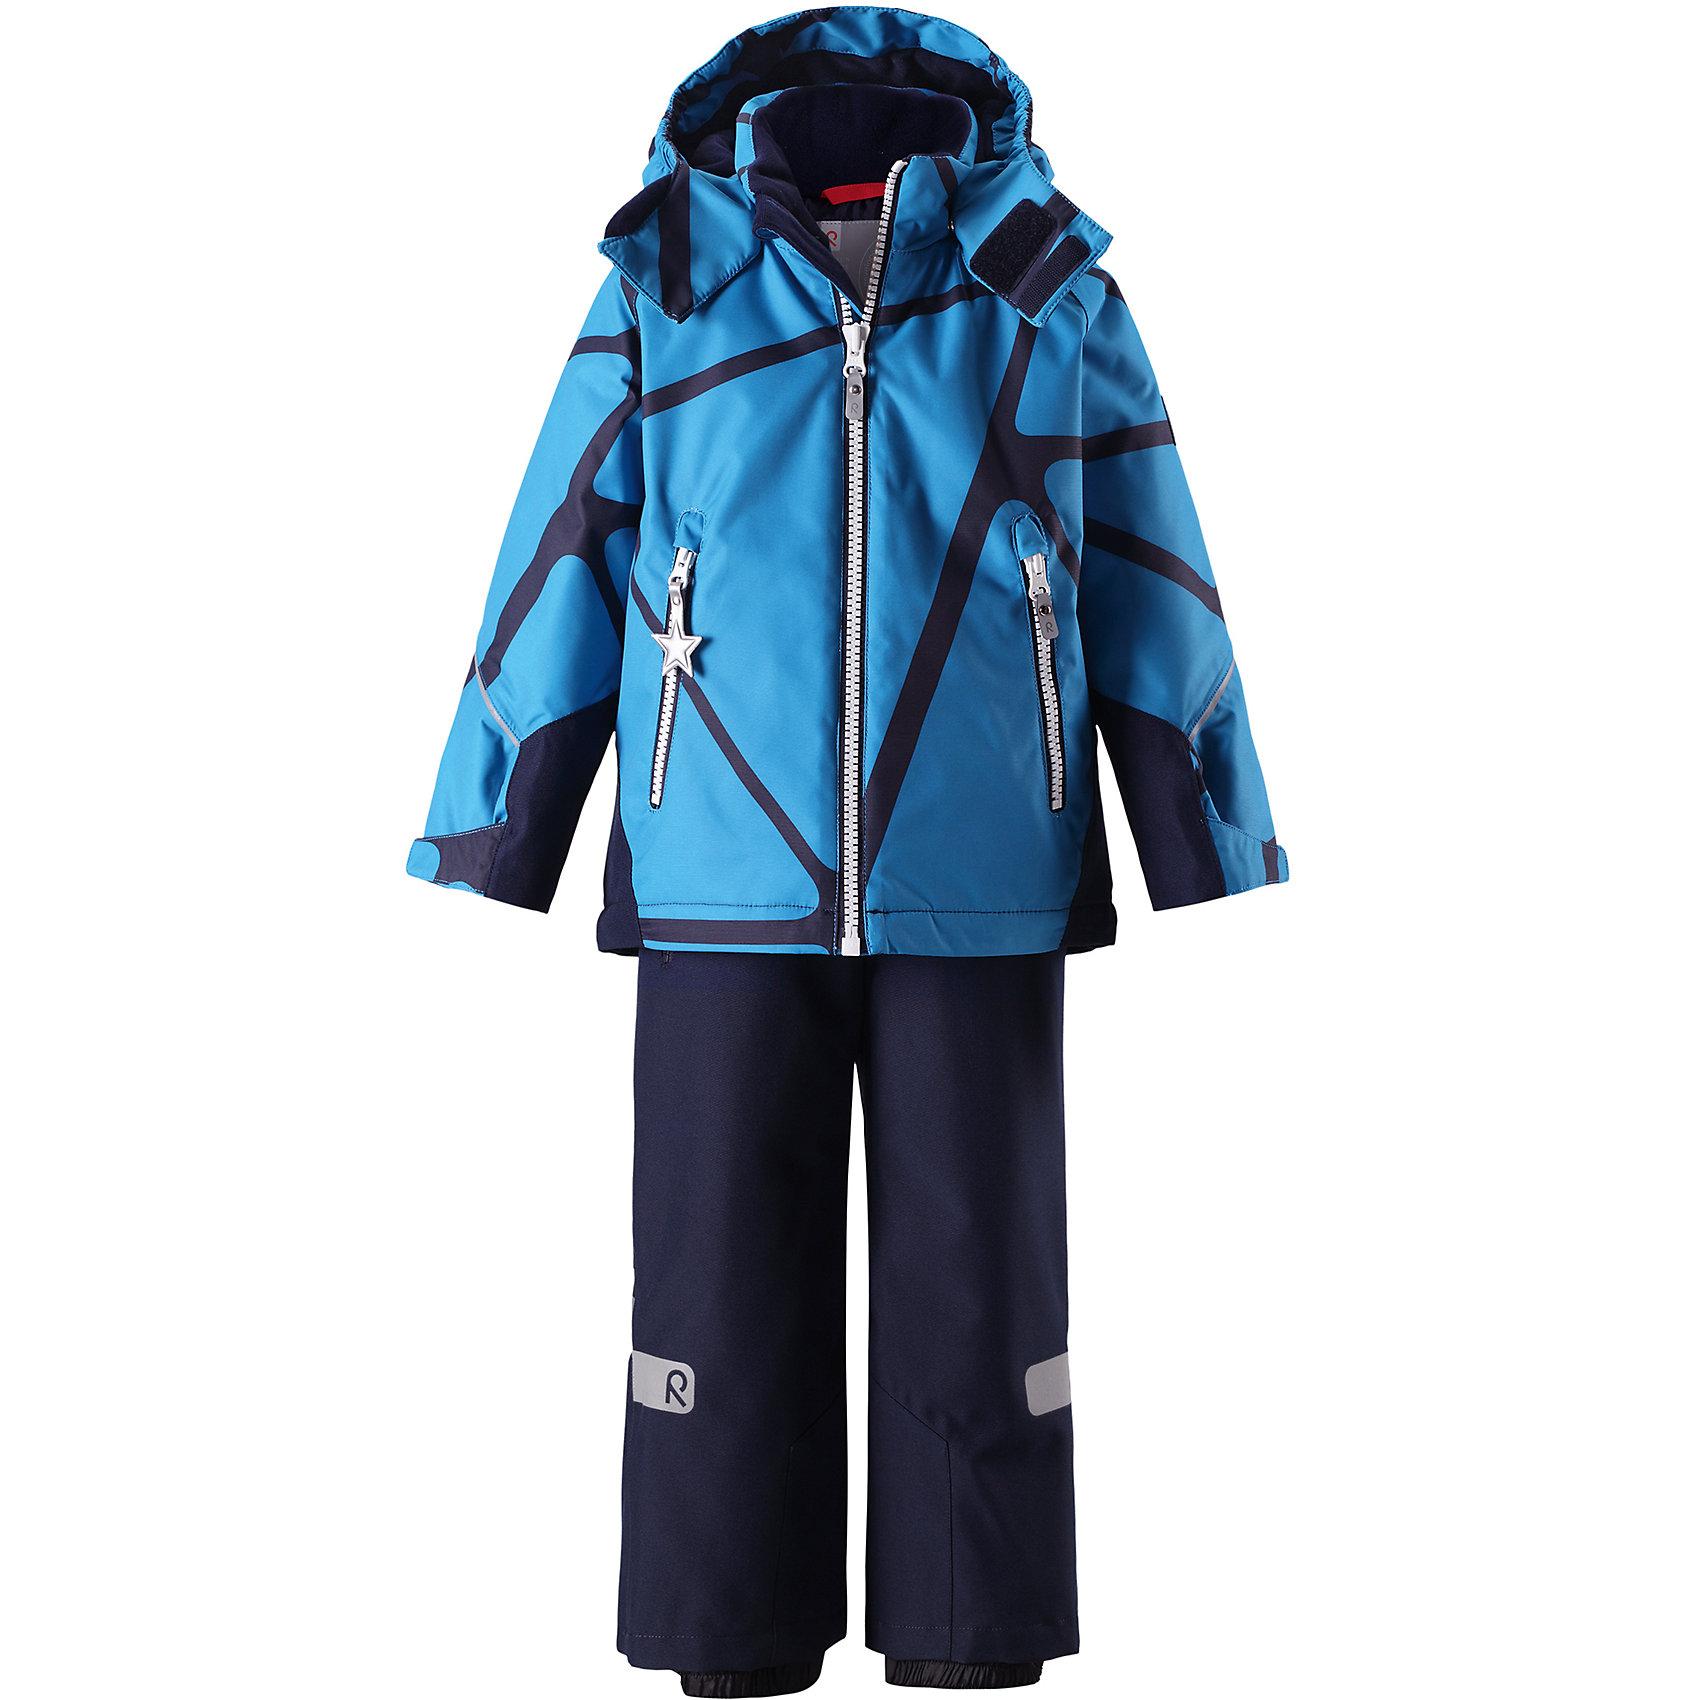 Комплект Reimatec® Reima GraneВерхняя одежда<br>Характеристики товара:<br><br>• цвет: синий;<br>• состав: 100% полиэстер;<br>• подкладка: 100% полиэстер;<br>• утеплитель: 120 г/м2;<br>• температурный режим: от 0 до -20С;<br>• сезон: зима; <br>• водонепроницаемость: 8000/10000 мм;<br>• воздухопроницаемость: 7000/5000 мм;<br>• износостойкость: 30000/50000 циклов (тест Мартиндейла);<br>• водо- и ветронепроницаемый, дышащий и грязеотталкивающий материал;<br>• все швы проклеены и водонепроницаемы;<br>• куртка на молнии с защитой подбородка, брюки с ширинкой на молнии и пуговицей;<br>• прочные усиленные вставки на рукавах и спинке;<br>• безопасный съемный капюшон;<br>• регулируемые манжеты на липучке;<br>• регулируемый подол;<br>• снегозащитные манжеты на штанинах;<br>• регулируемые и отстегивающиеся эластичные подтяжки;<br>• карманы на молнии;<br>• светоотражающие детали;<br>• страна бренда: Финляндия;<br>• страна изготовитель: Китай.<br><br>Сверхпрочный детский зимний комплект Reimatec ® Kiddo. Функциональная куртка Reimatec ® Kiddo изготовлена из износостойкого, дышащего, водо и ветронепроницаемого материала с водо и грязеотталкивающей поверхностью. Все швы проклеены, водонепроницаемы. Рукава и спинка снабжены прочными усилениями, которые защищают участки, больше всего подверженные износу во время подвижных игр и катания на санках. <br><br>У этой модели прямой покрой с регулируемой талией и подолом, так что силуэт можно сделать более облегающим. Концы рукавов тоже регулируются застежкой на липучке, как раз под ширину перчаток. Съемный капюшон защищает от холодного ветра, а еще обеспечивает дополнительную безопасность во время игр на улице – поскольку он легко отстегнется, если случайно за что-нибудь зацепится. <br><br>По краю капюшона предусмотрен ветроотражатель, который обеспечивает шее дополнительную защиту. В брюках имеется ширинка на молнии, регулируемые и съемные эластичными подтяжками, а также защита от снега на концах брючин. Комплект снабжен гладкой подкладкой